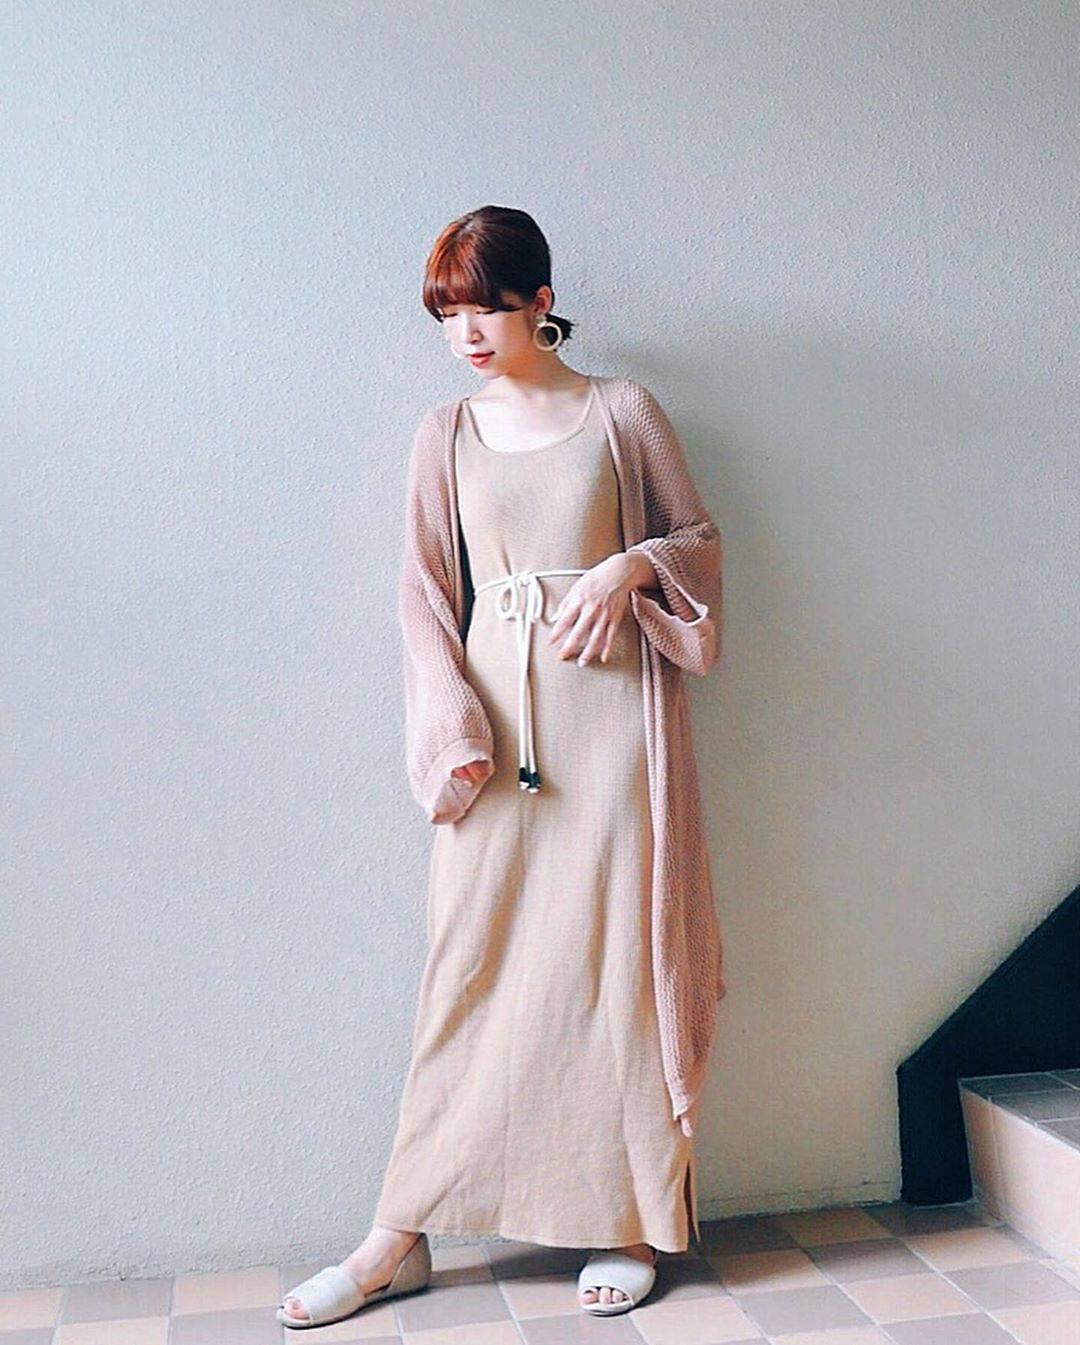 最高気温24度・最低気温21度 natsu_outfitsの服装